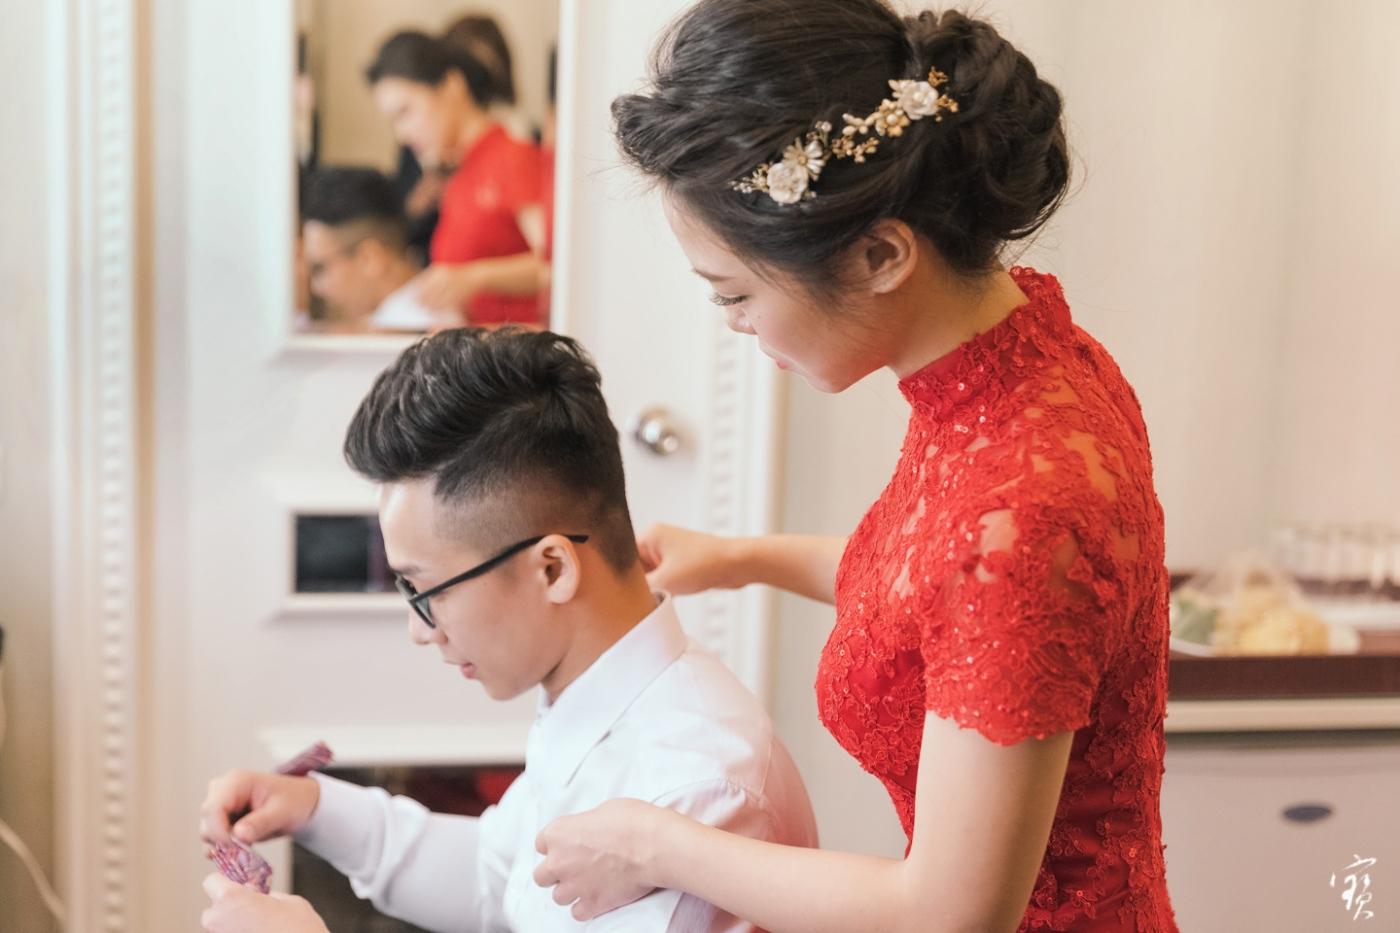 婚禮攝影 婚紗 大直 典華 冬半影像 攝影師大寶 北部攝影 台北攝影 桃園攝影 新竹攝影20181208-41